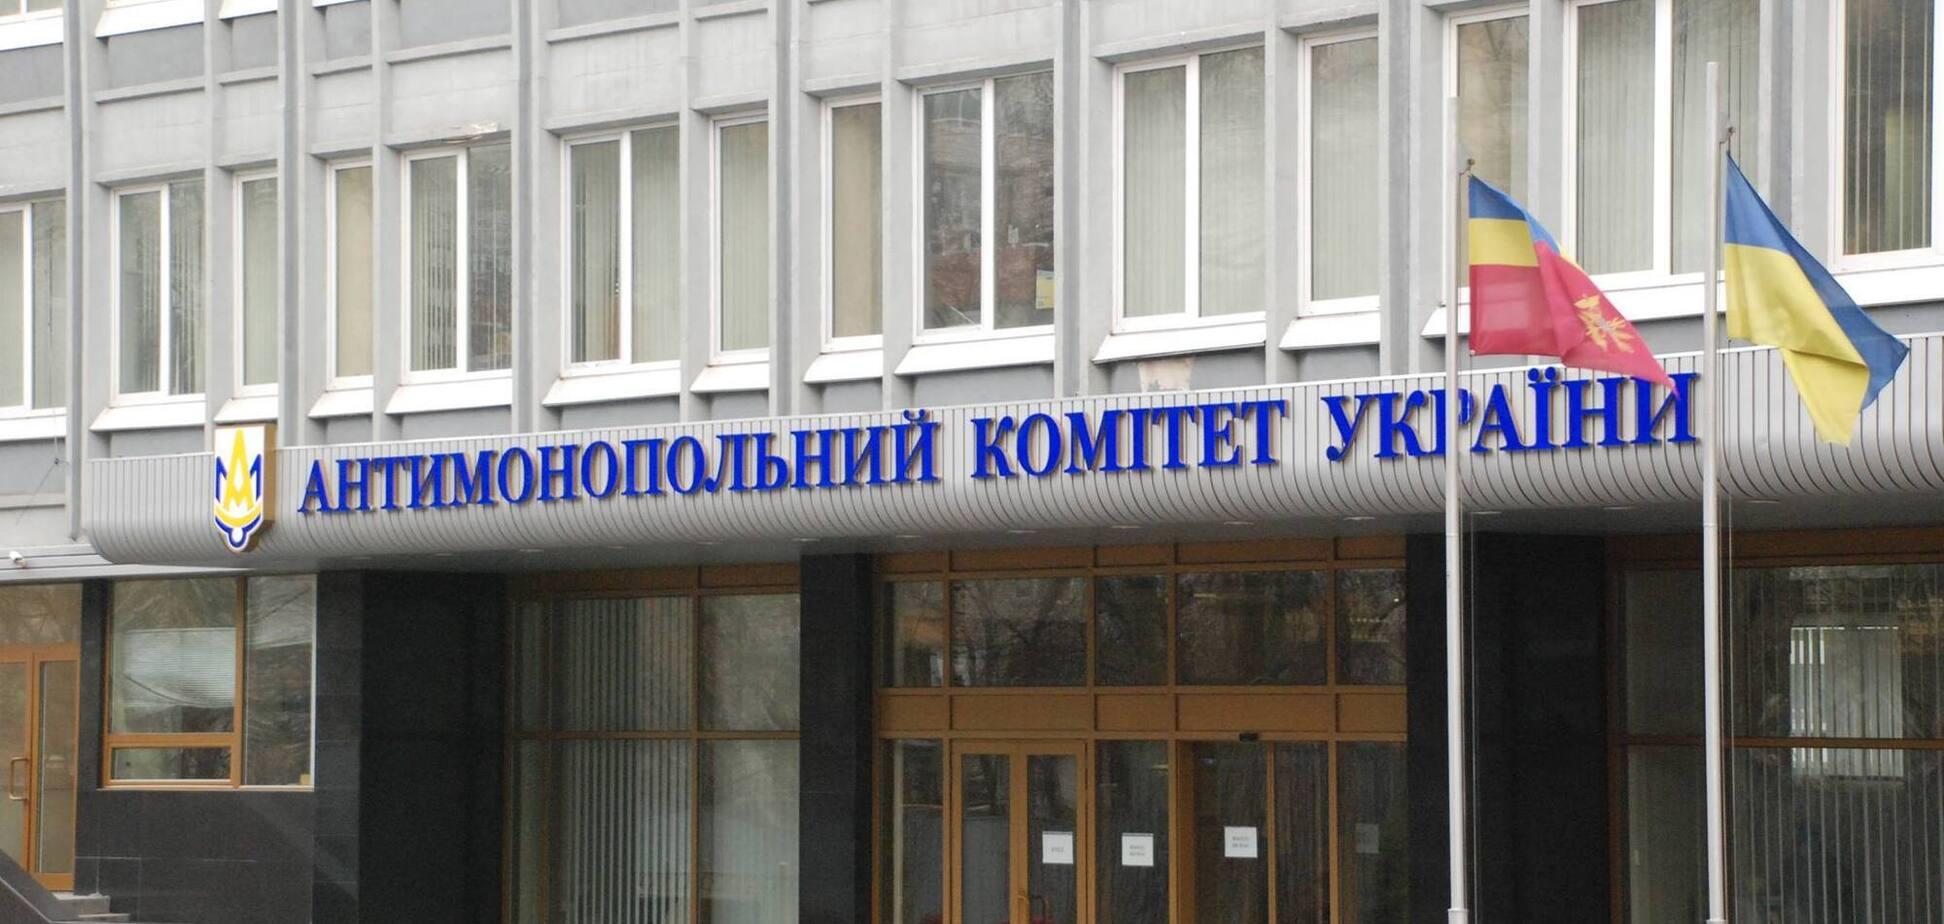 АМКУ выписал 775 млн штрафа всей энергоотрасли страны